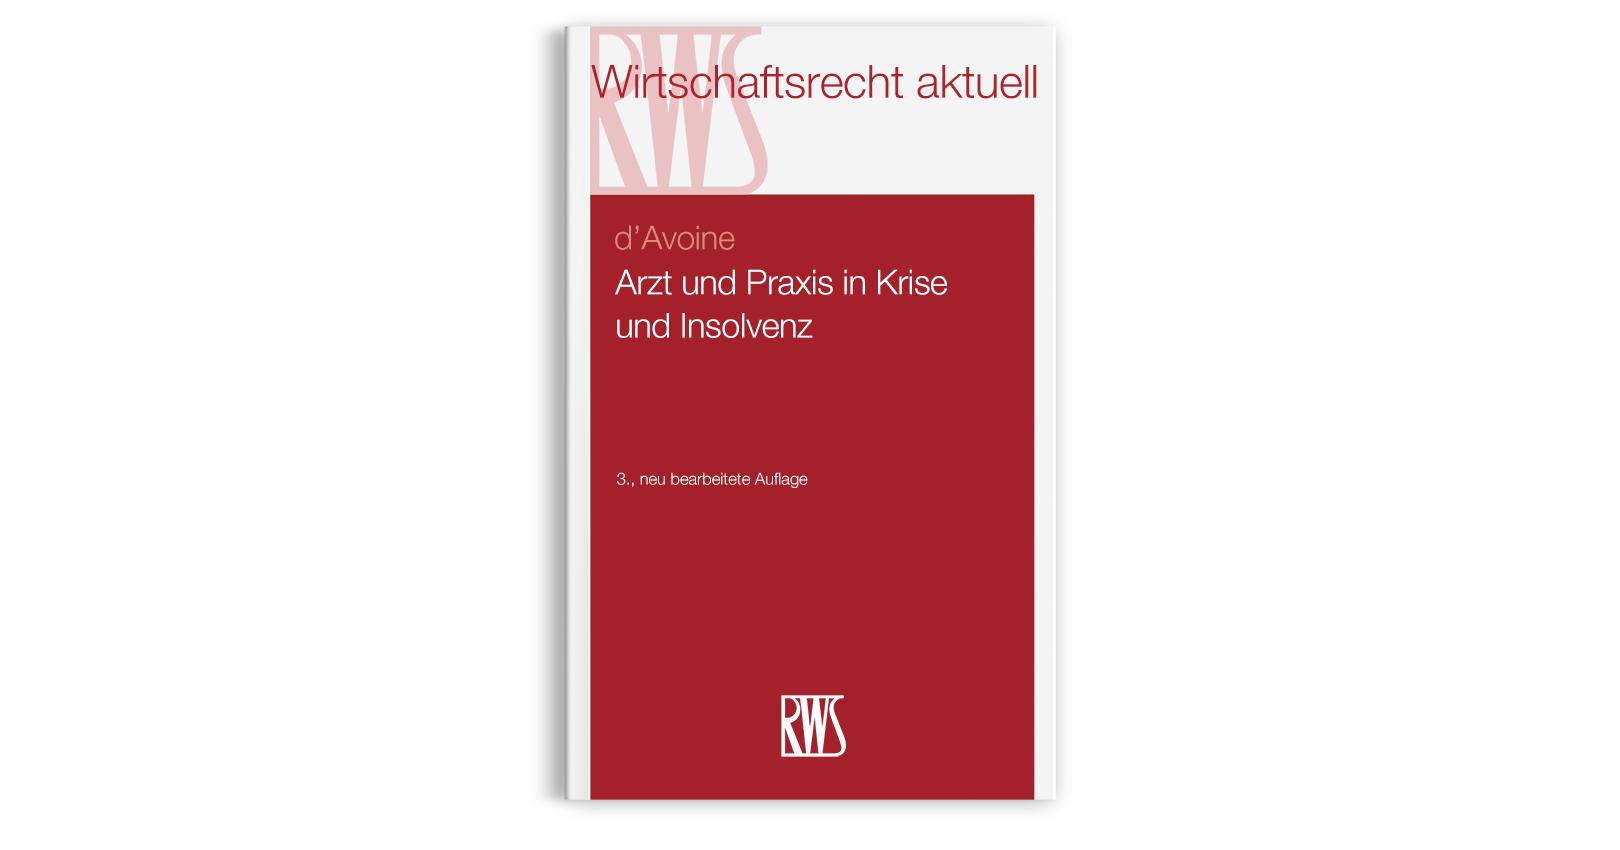 Arzt und Praxis in Krise und Insolvenz (d'Avoine) | RWS Verlag